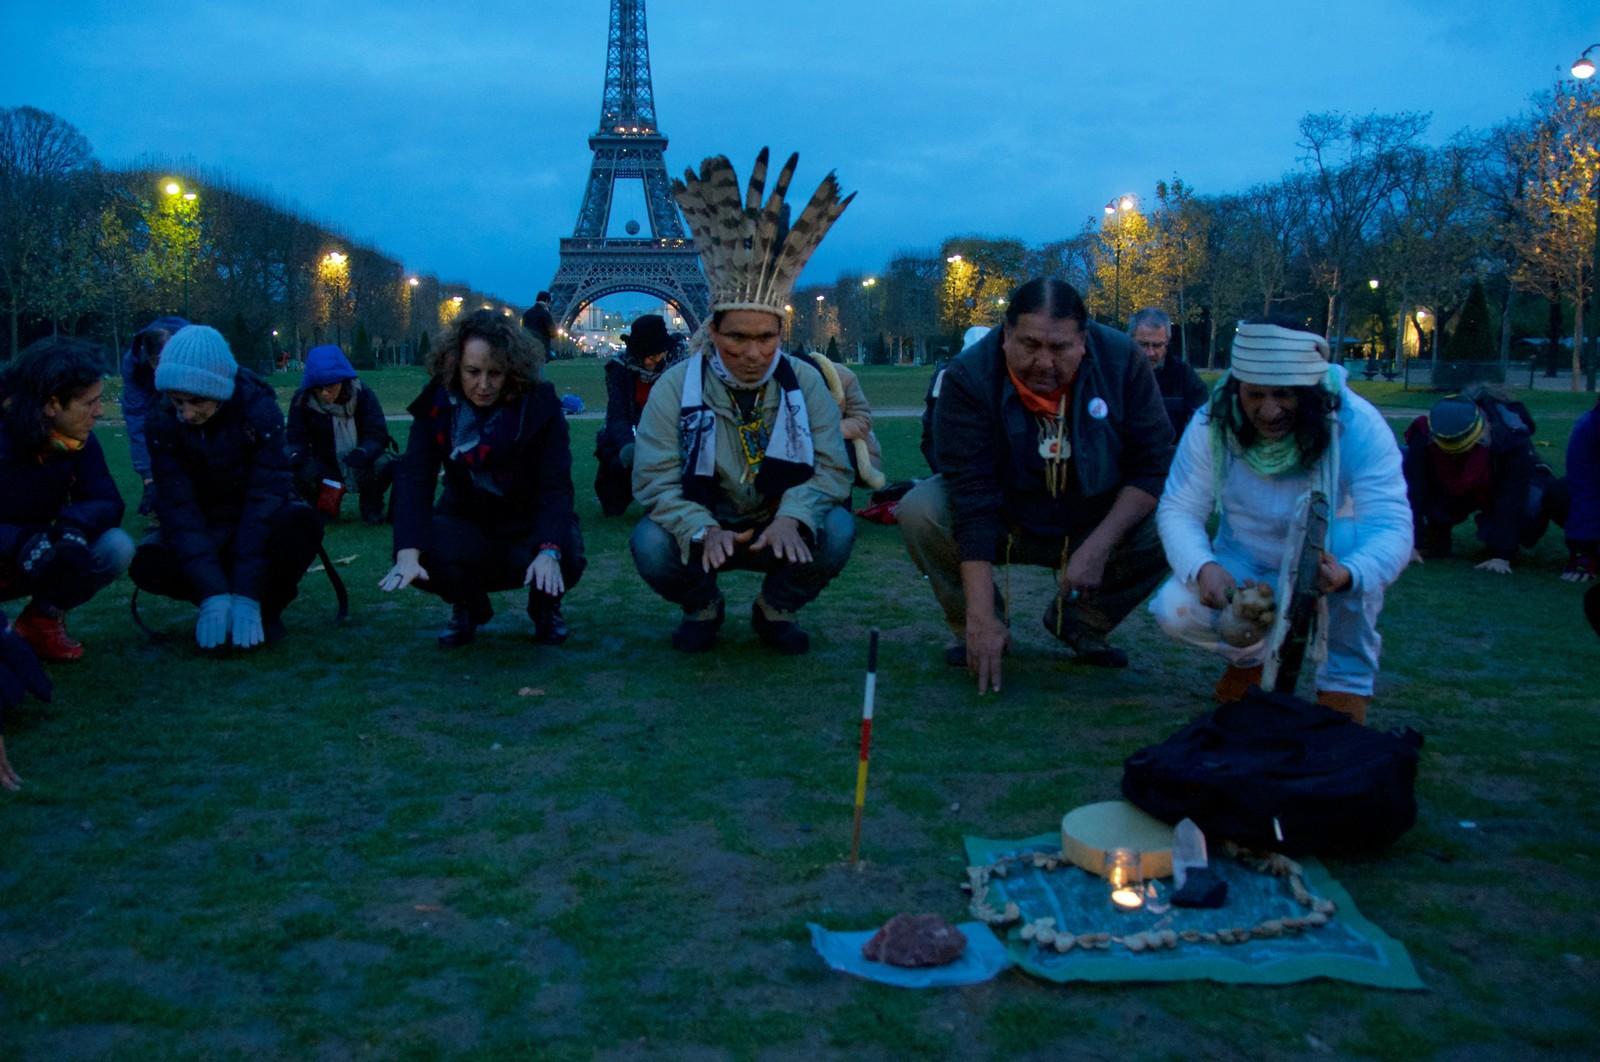 Urfolk samlet seg til soloppgangsseremoni nedenfor Eiffel tårnet.